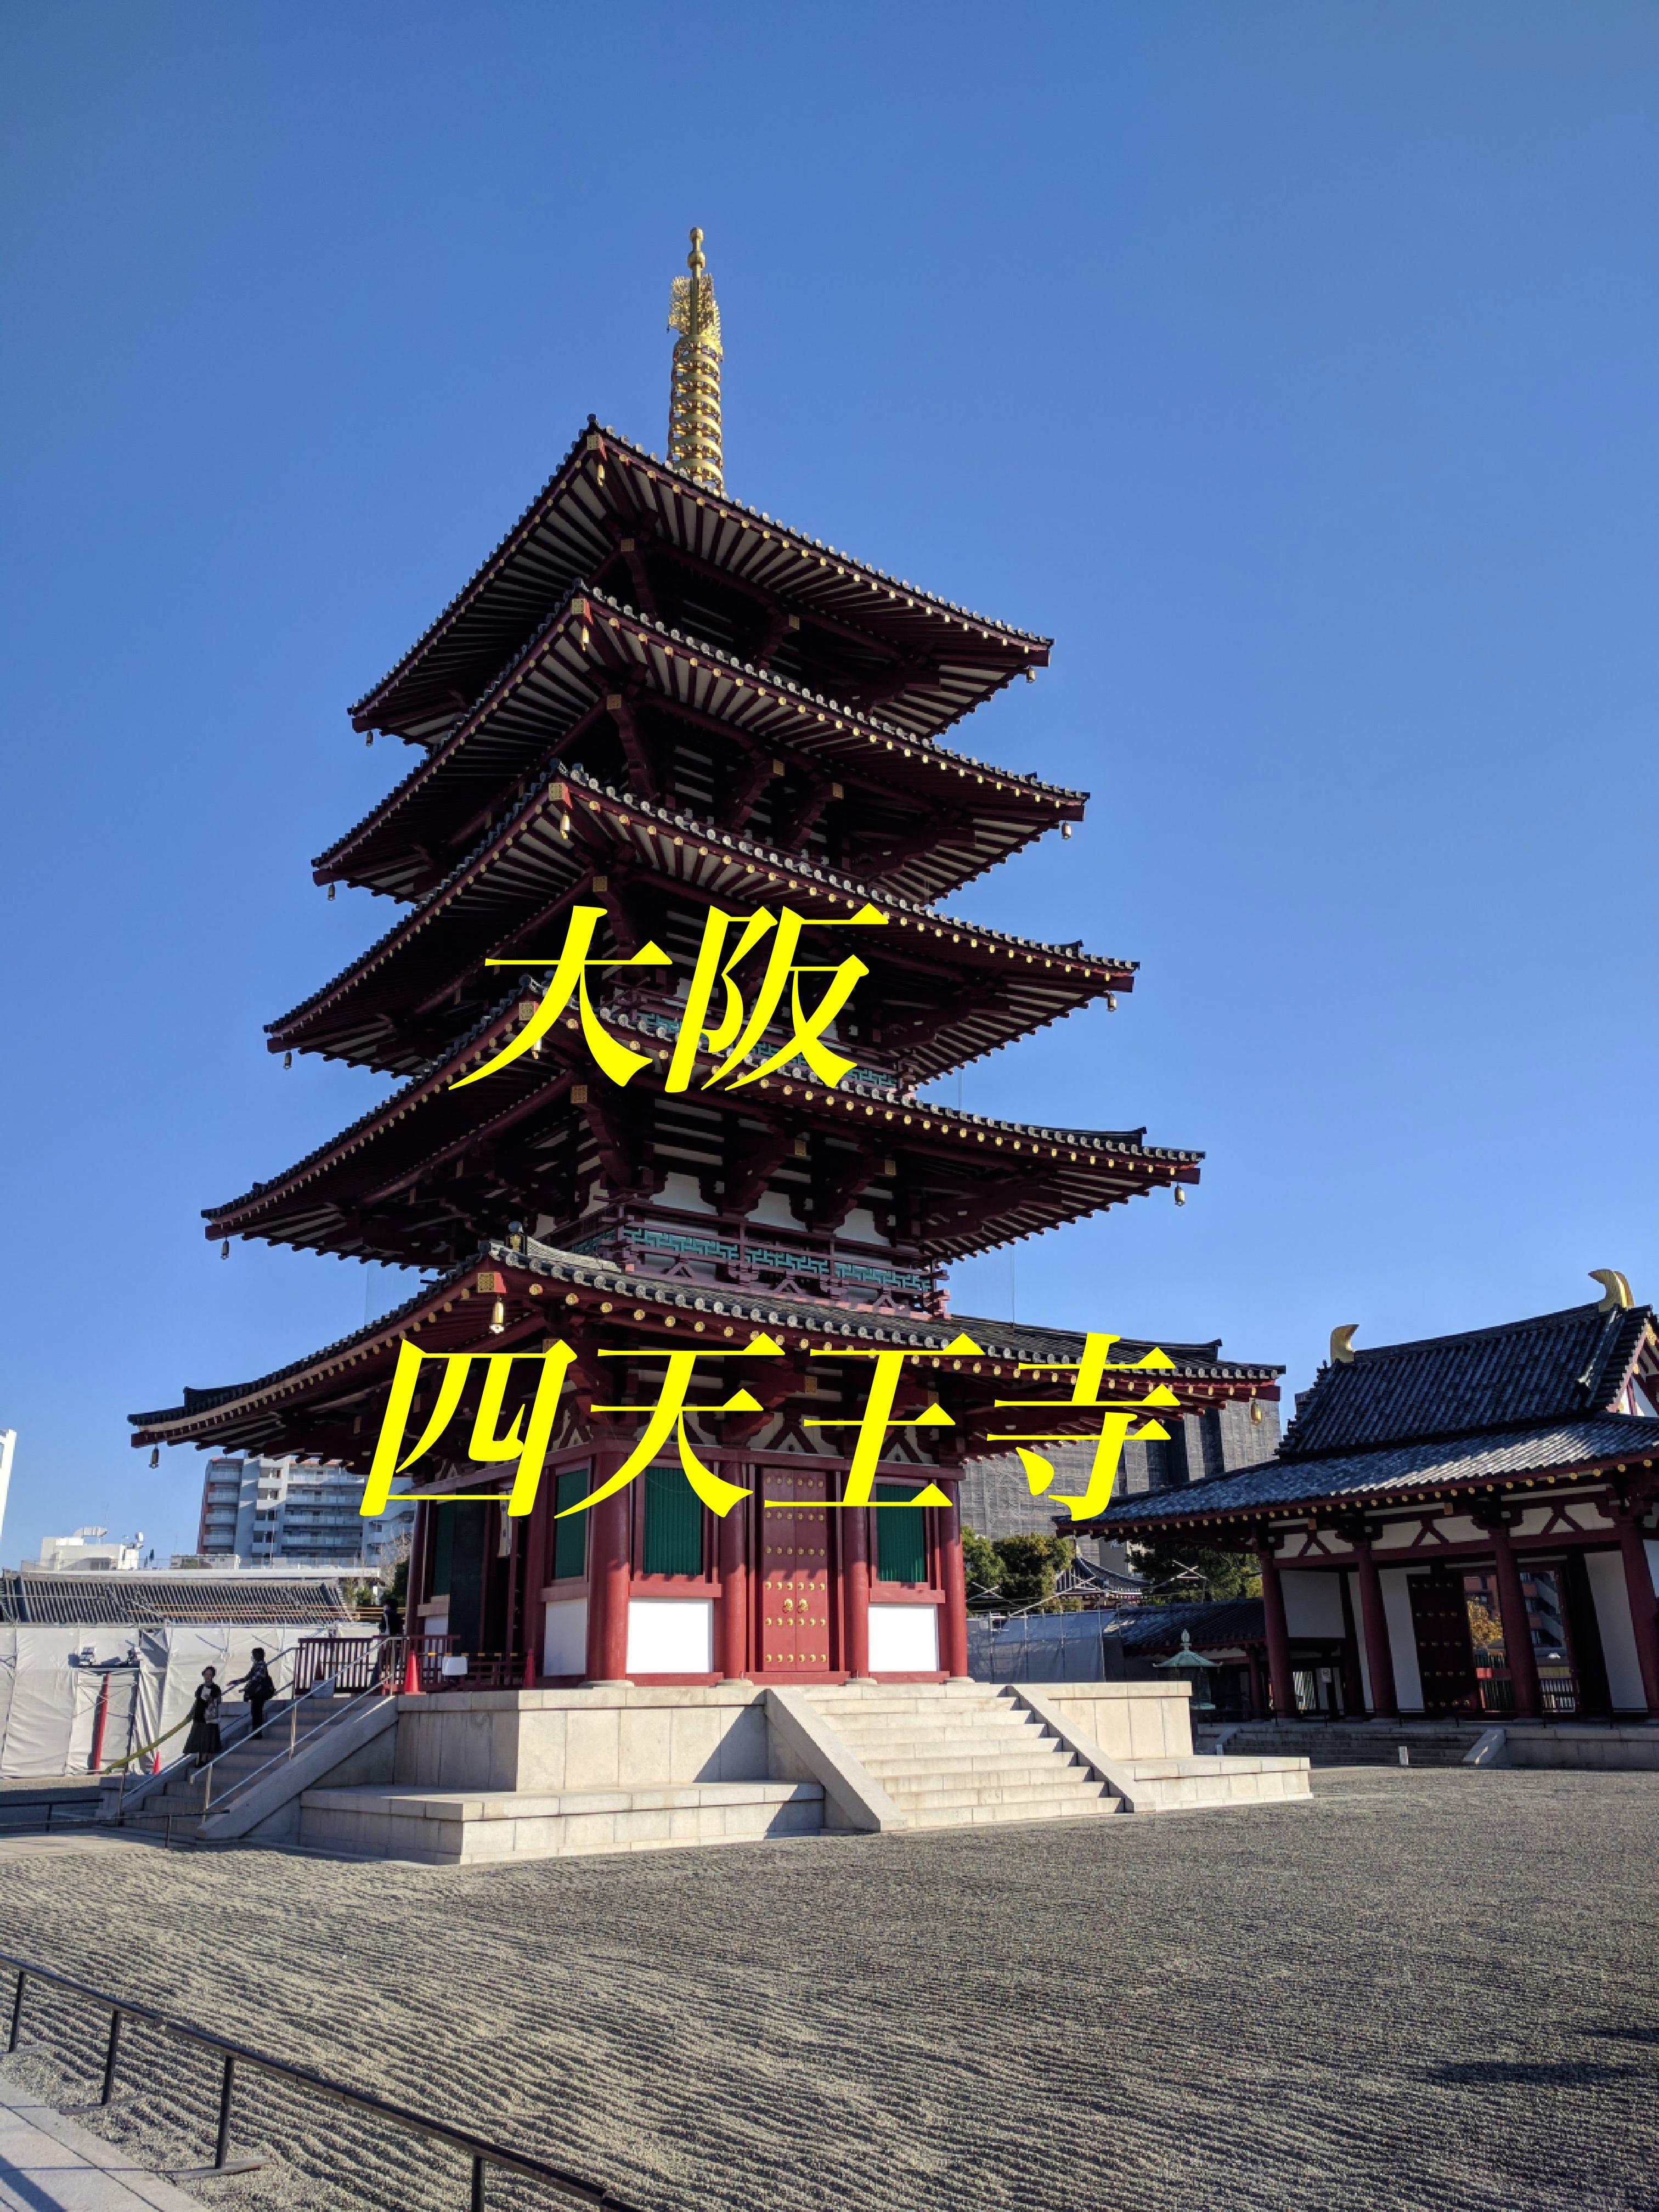 聖徳太子が建立した本当の理由とは!?仏法最初の大寺、大阪・四天王寺の参拝と御朱印について